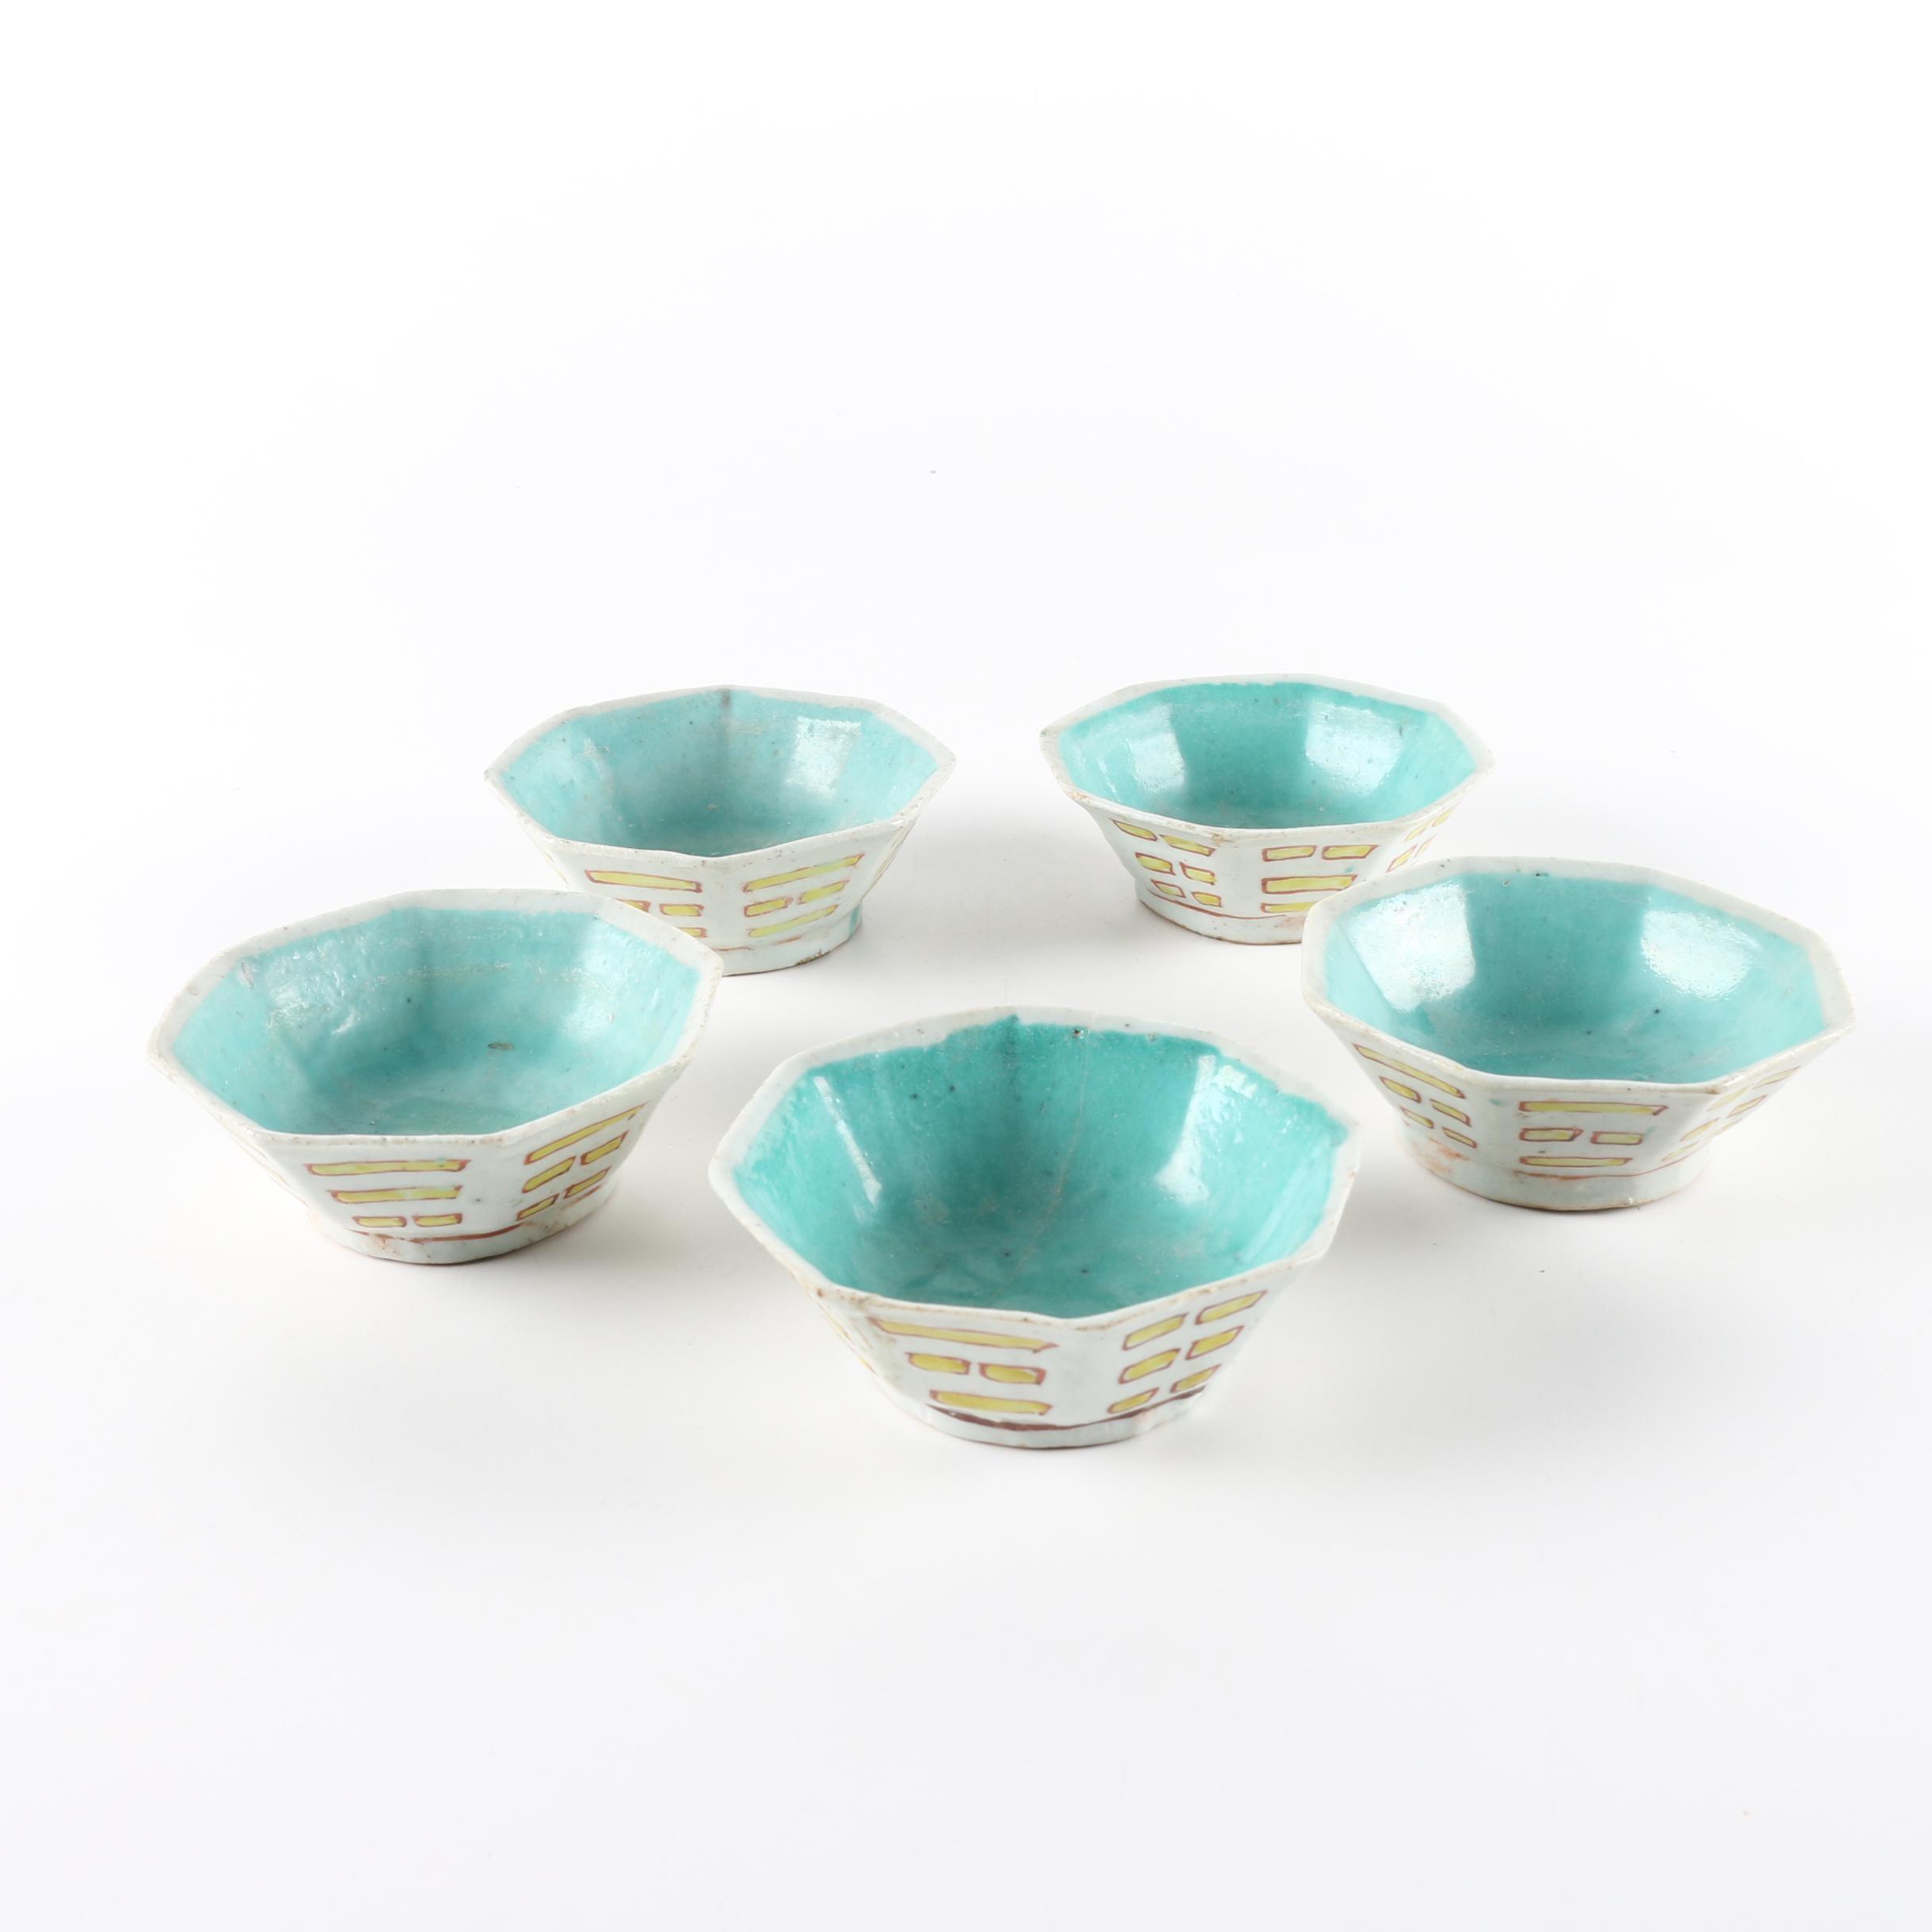 Chinese Bagua Ceramic Bowls